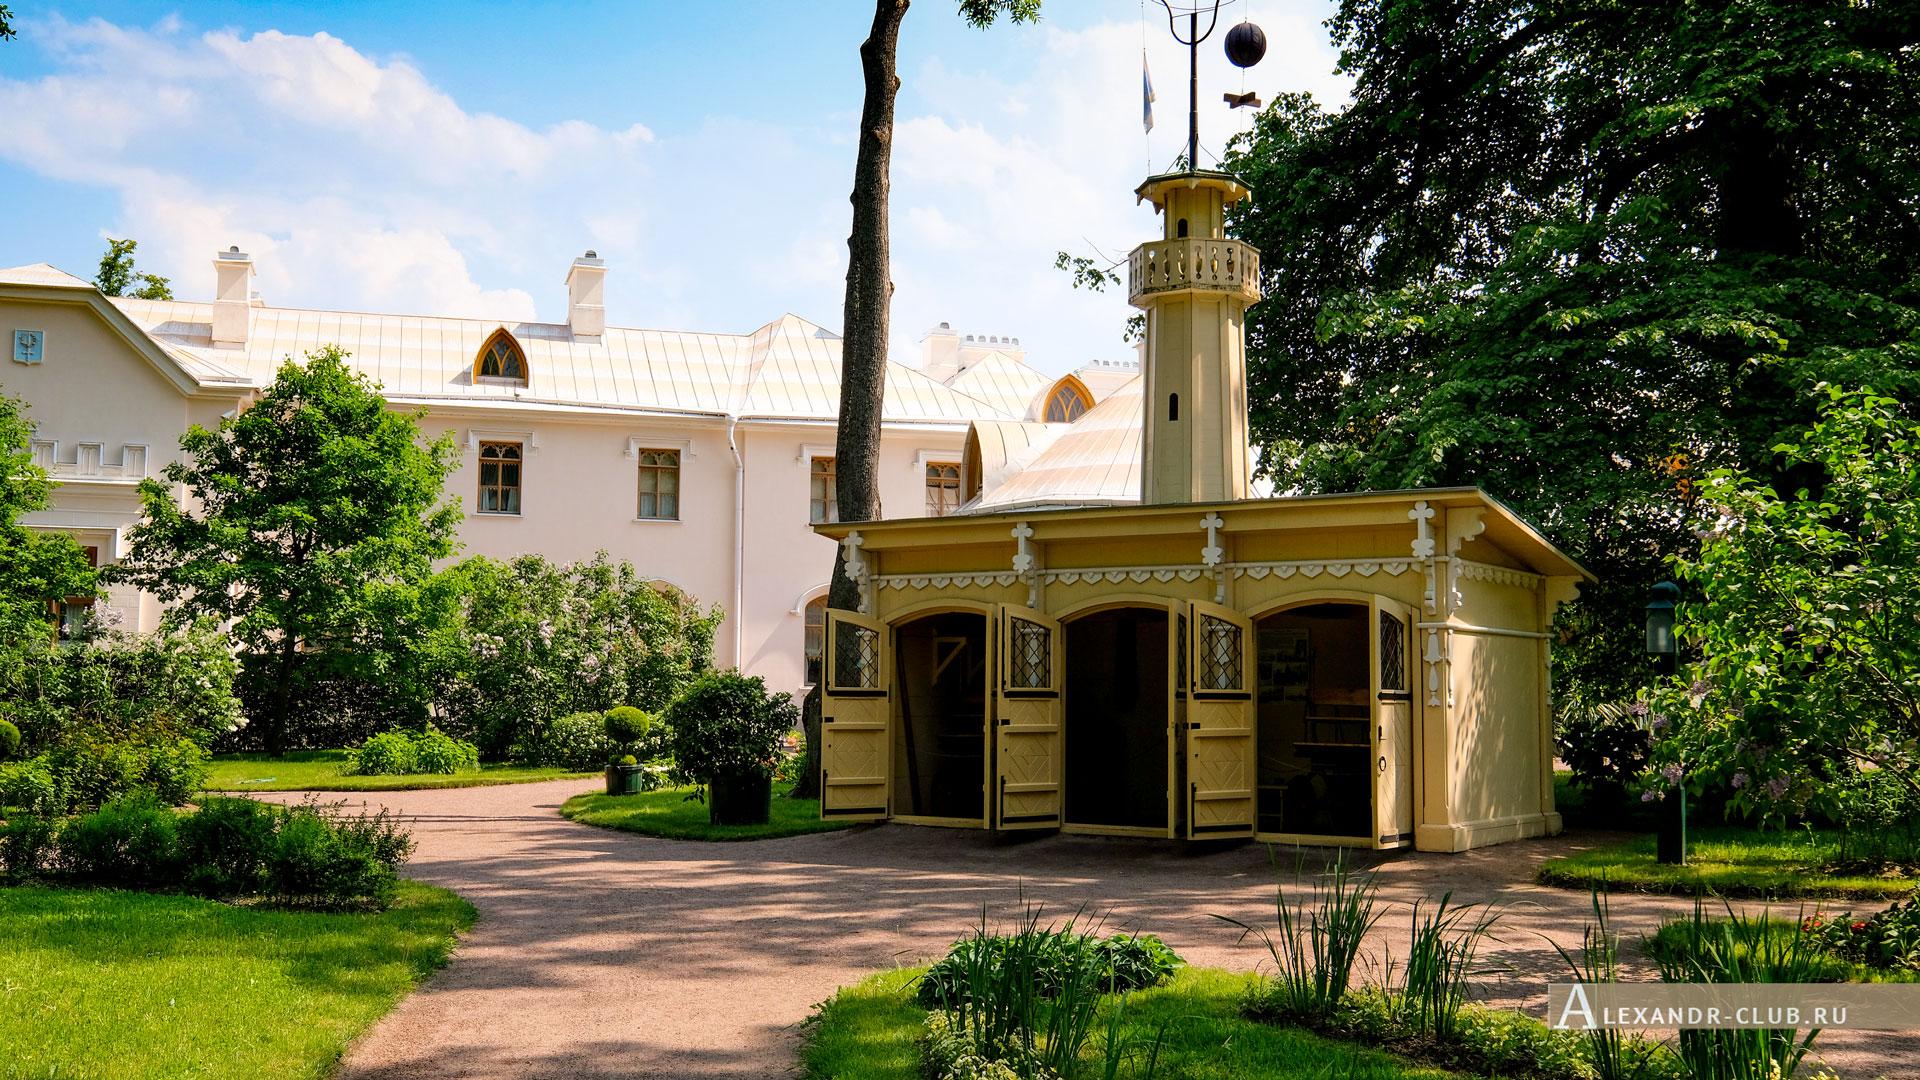 Петергоф, парк «Александрия», лето, Фермерский дворец, детская пожарная часть и каланча